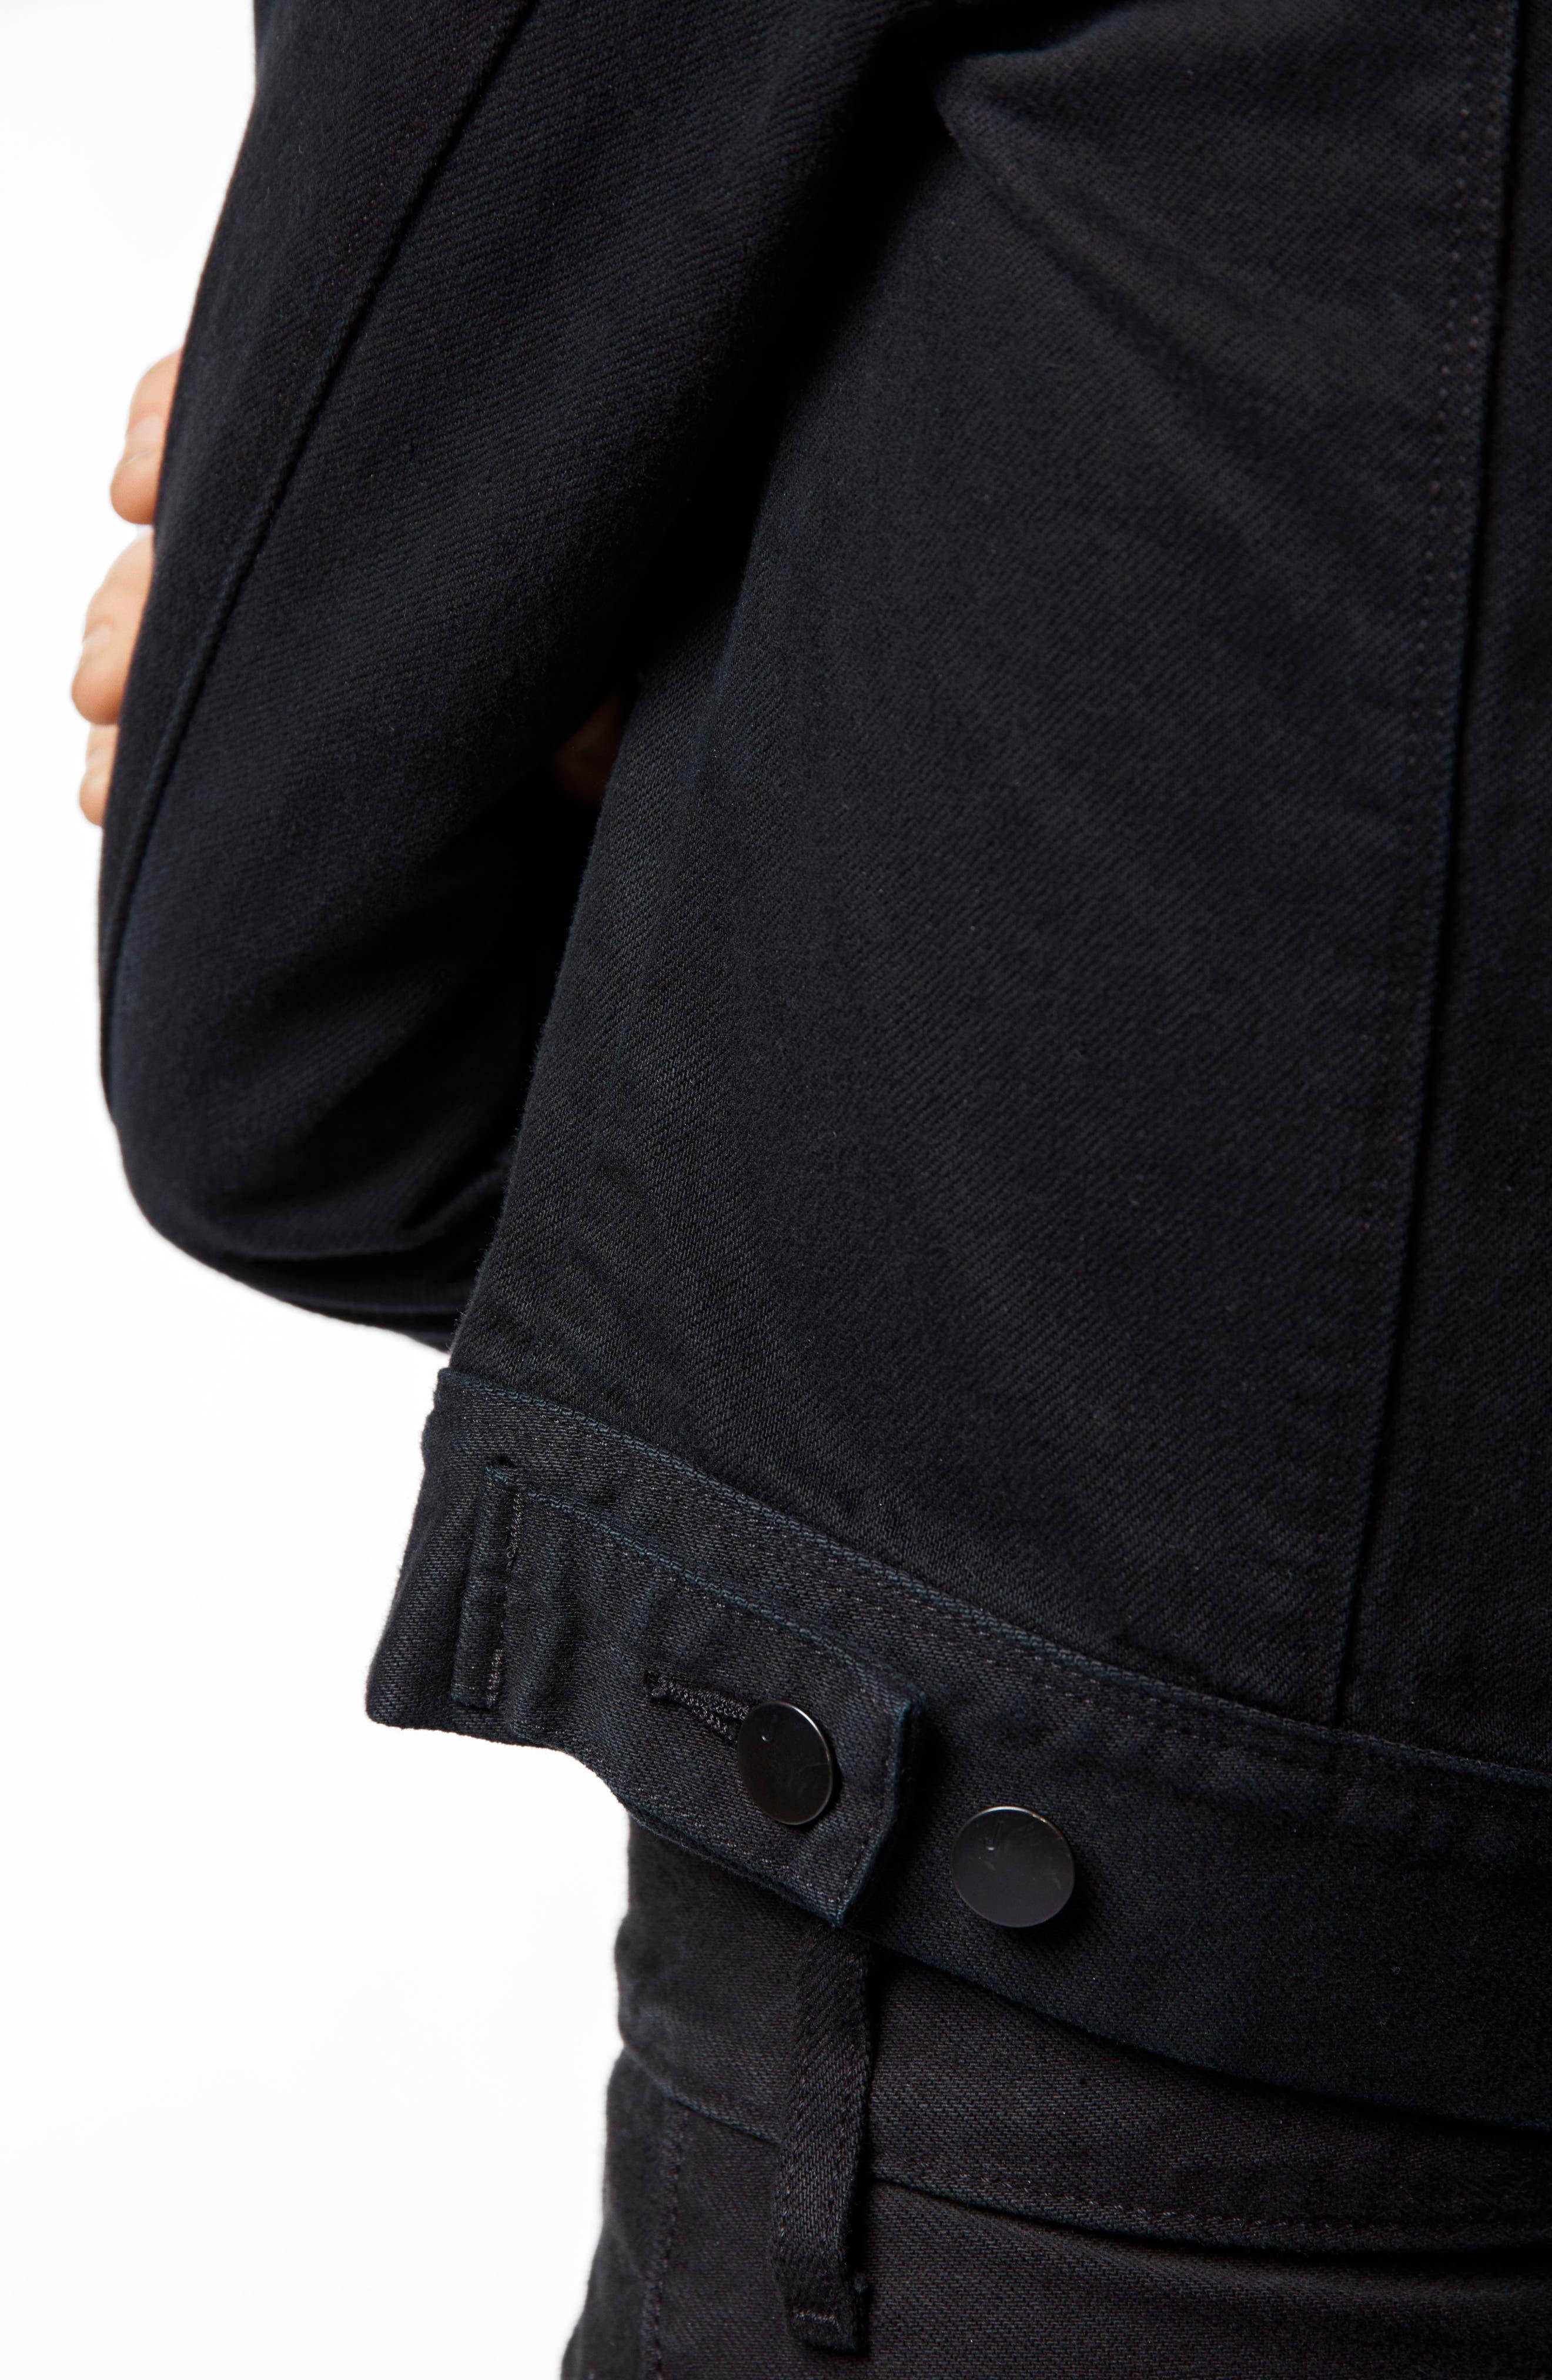 Harlow Shrunken Denim Jacket,                             Alternate thumbnail 4, color,                             HEMATITE